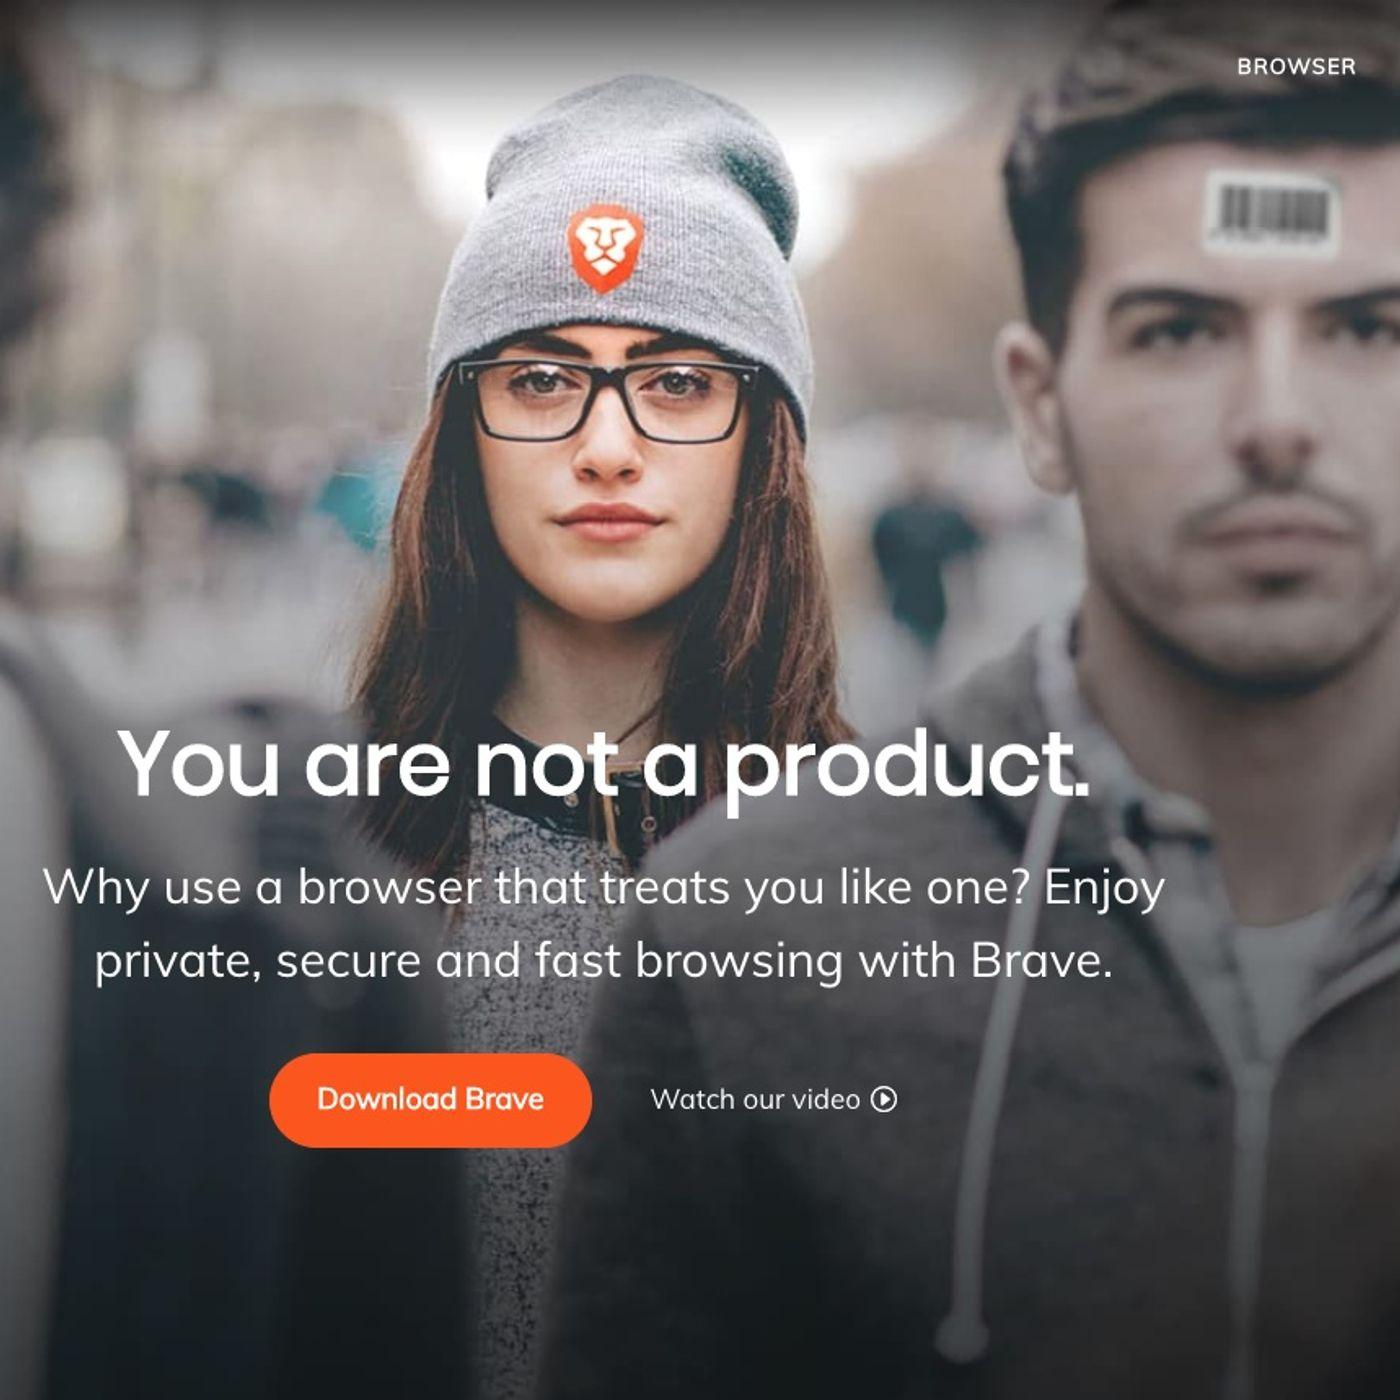 Instalando el navegador Brave